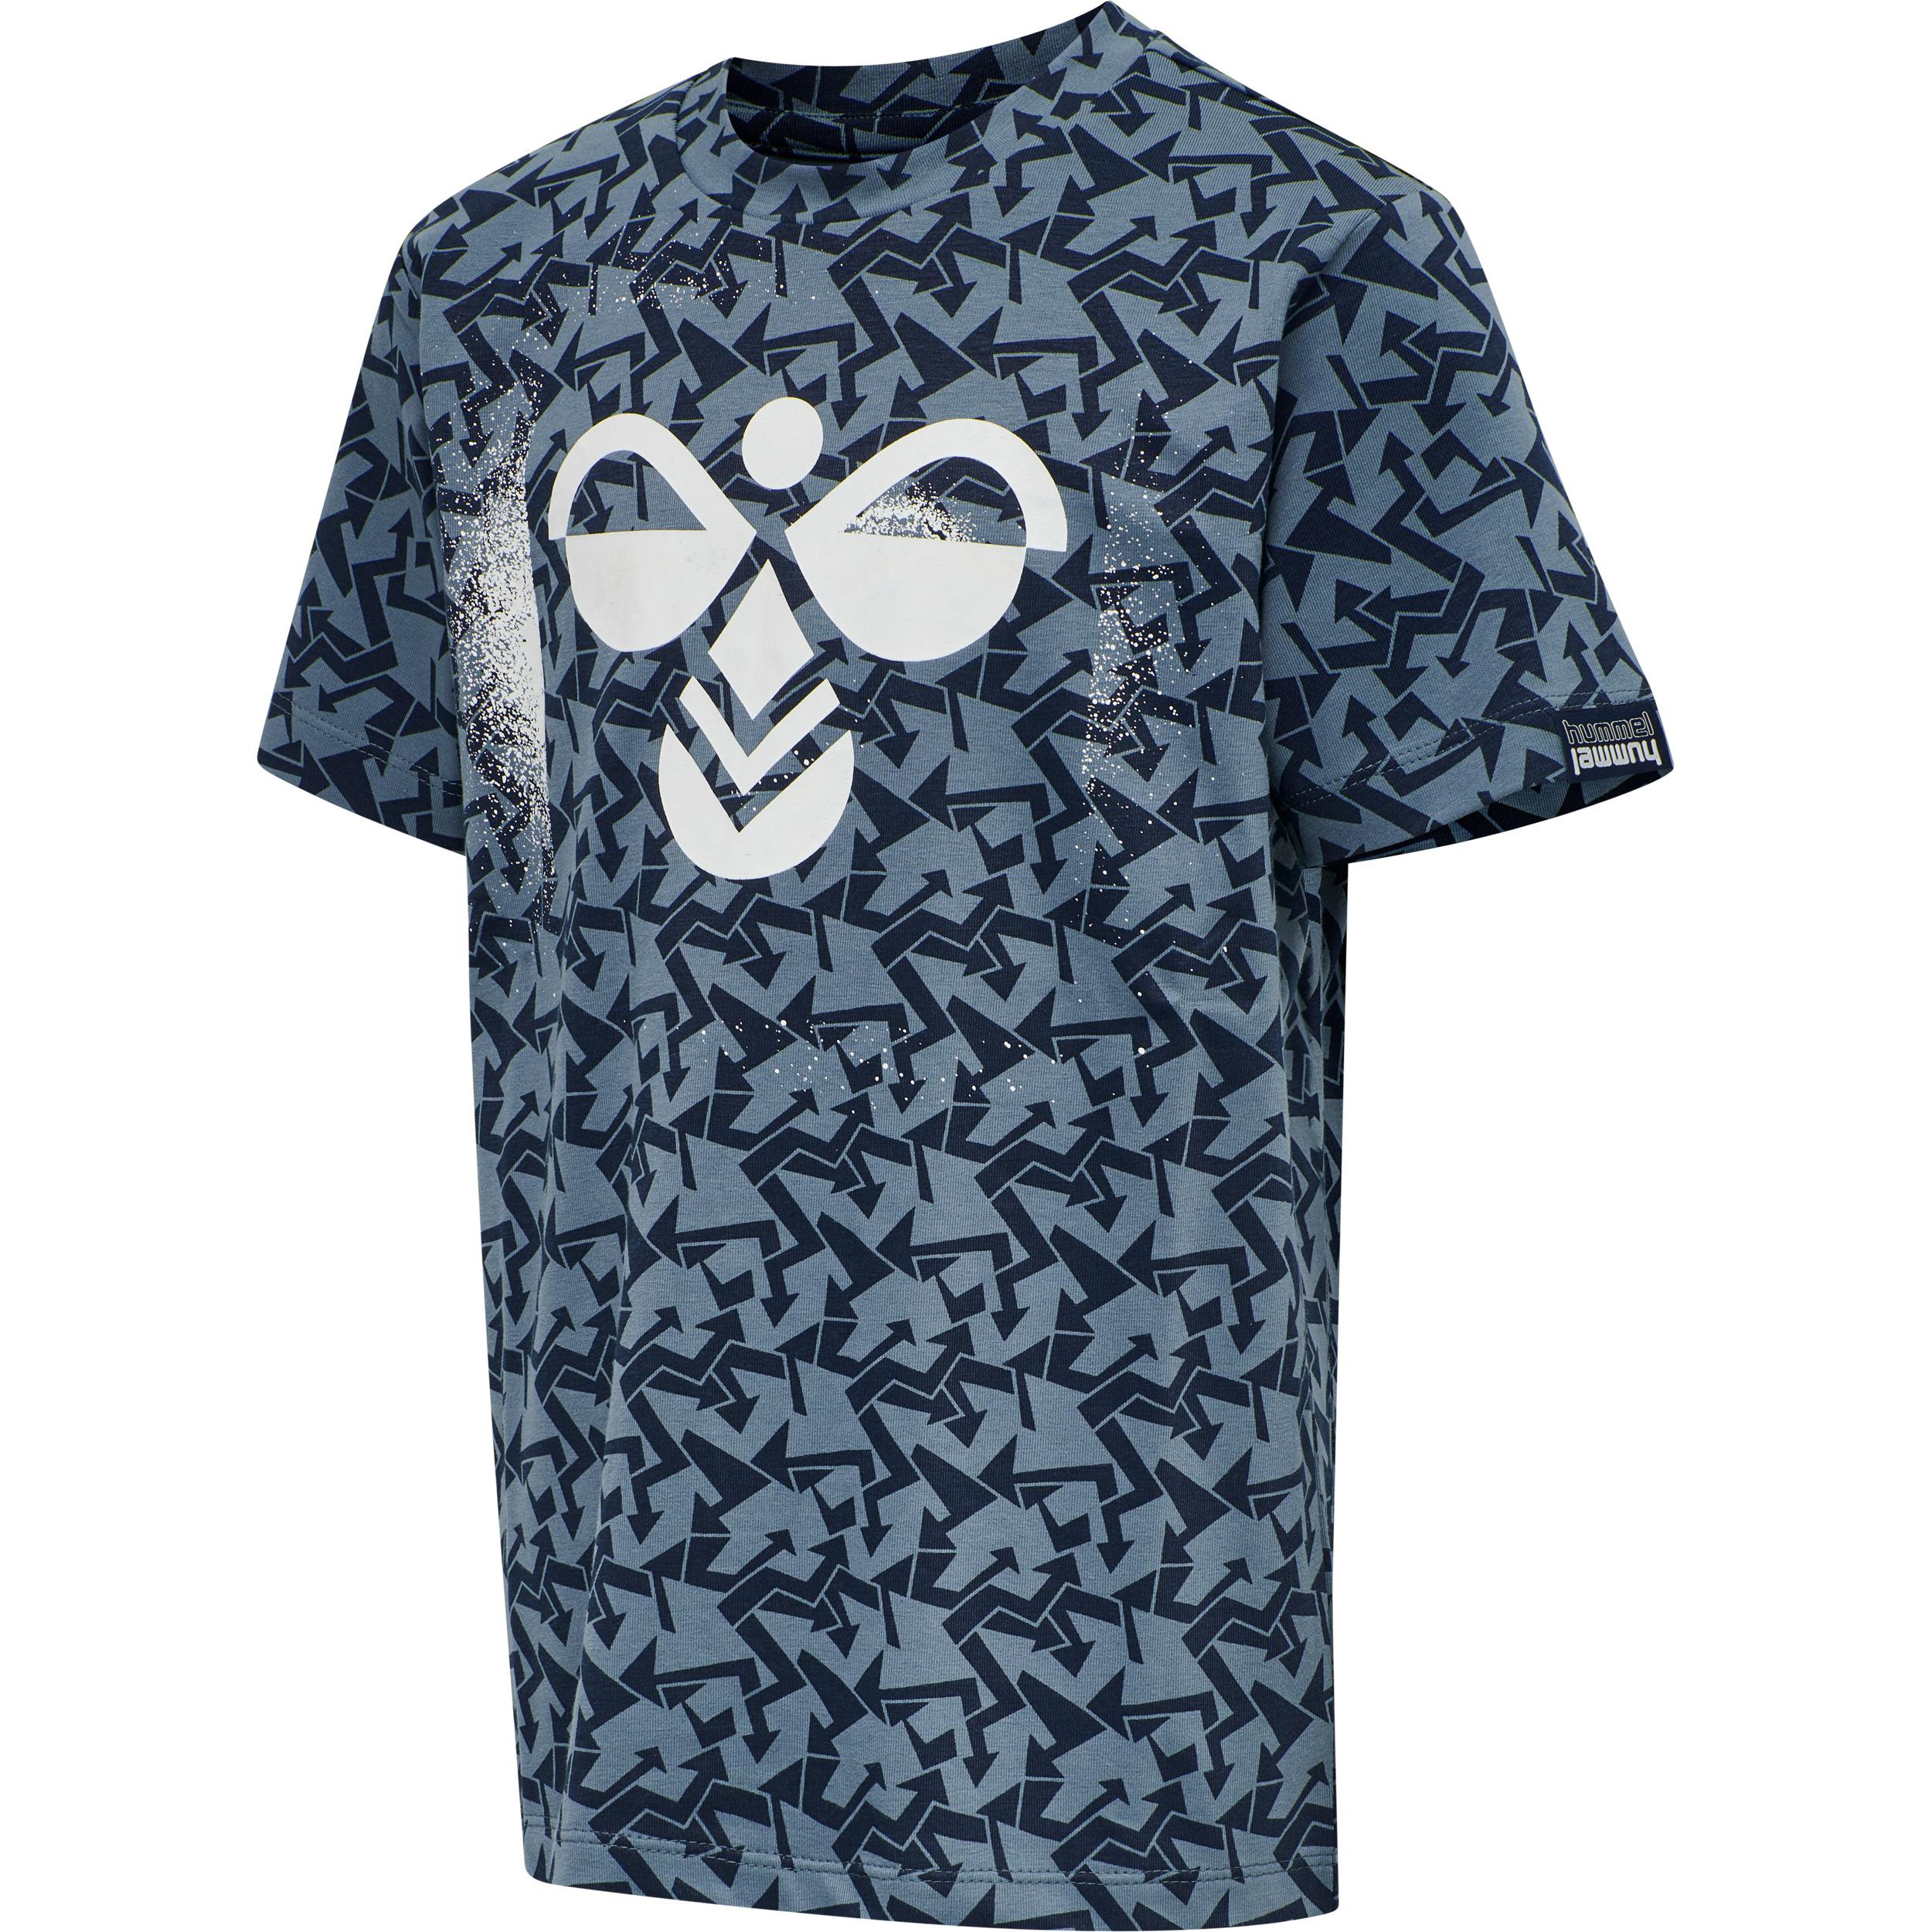 Hummel Akon t-shirt, china blue, 134